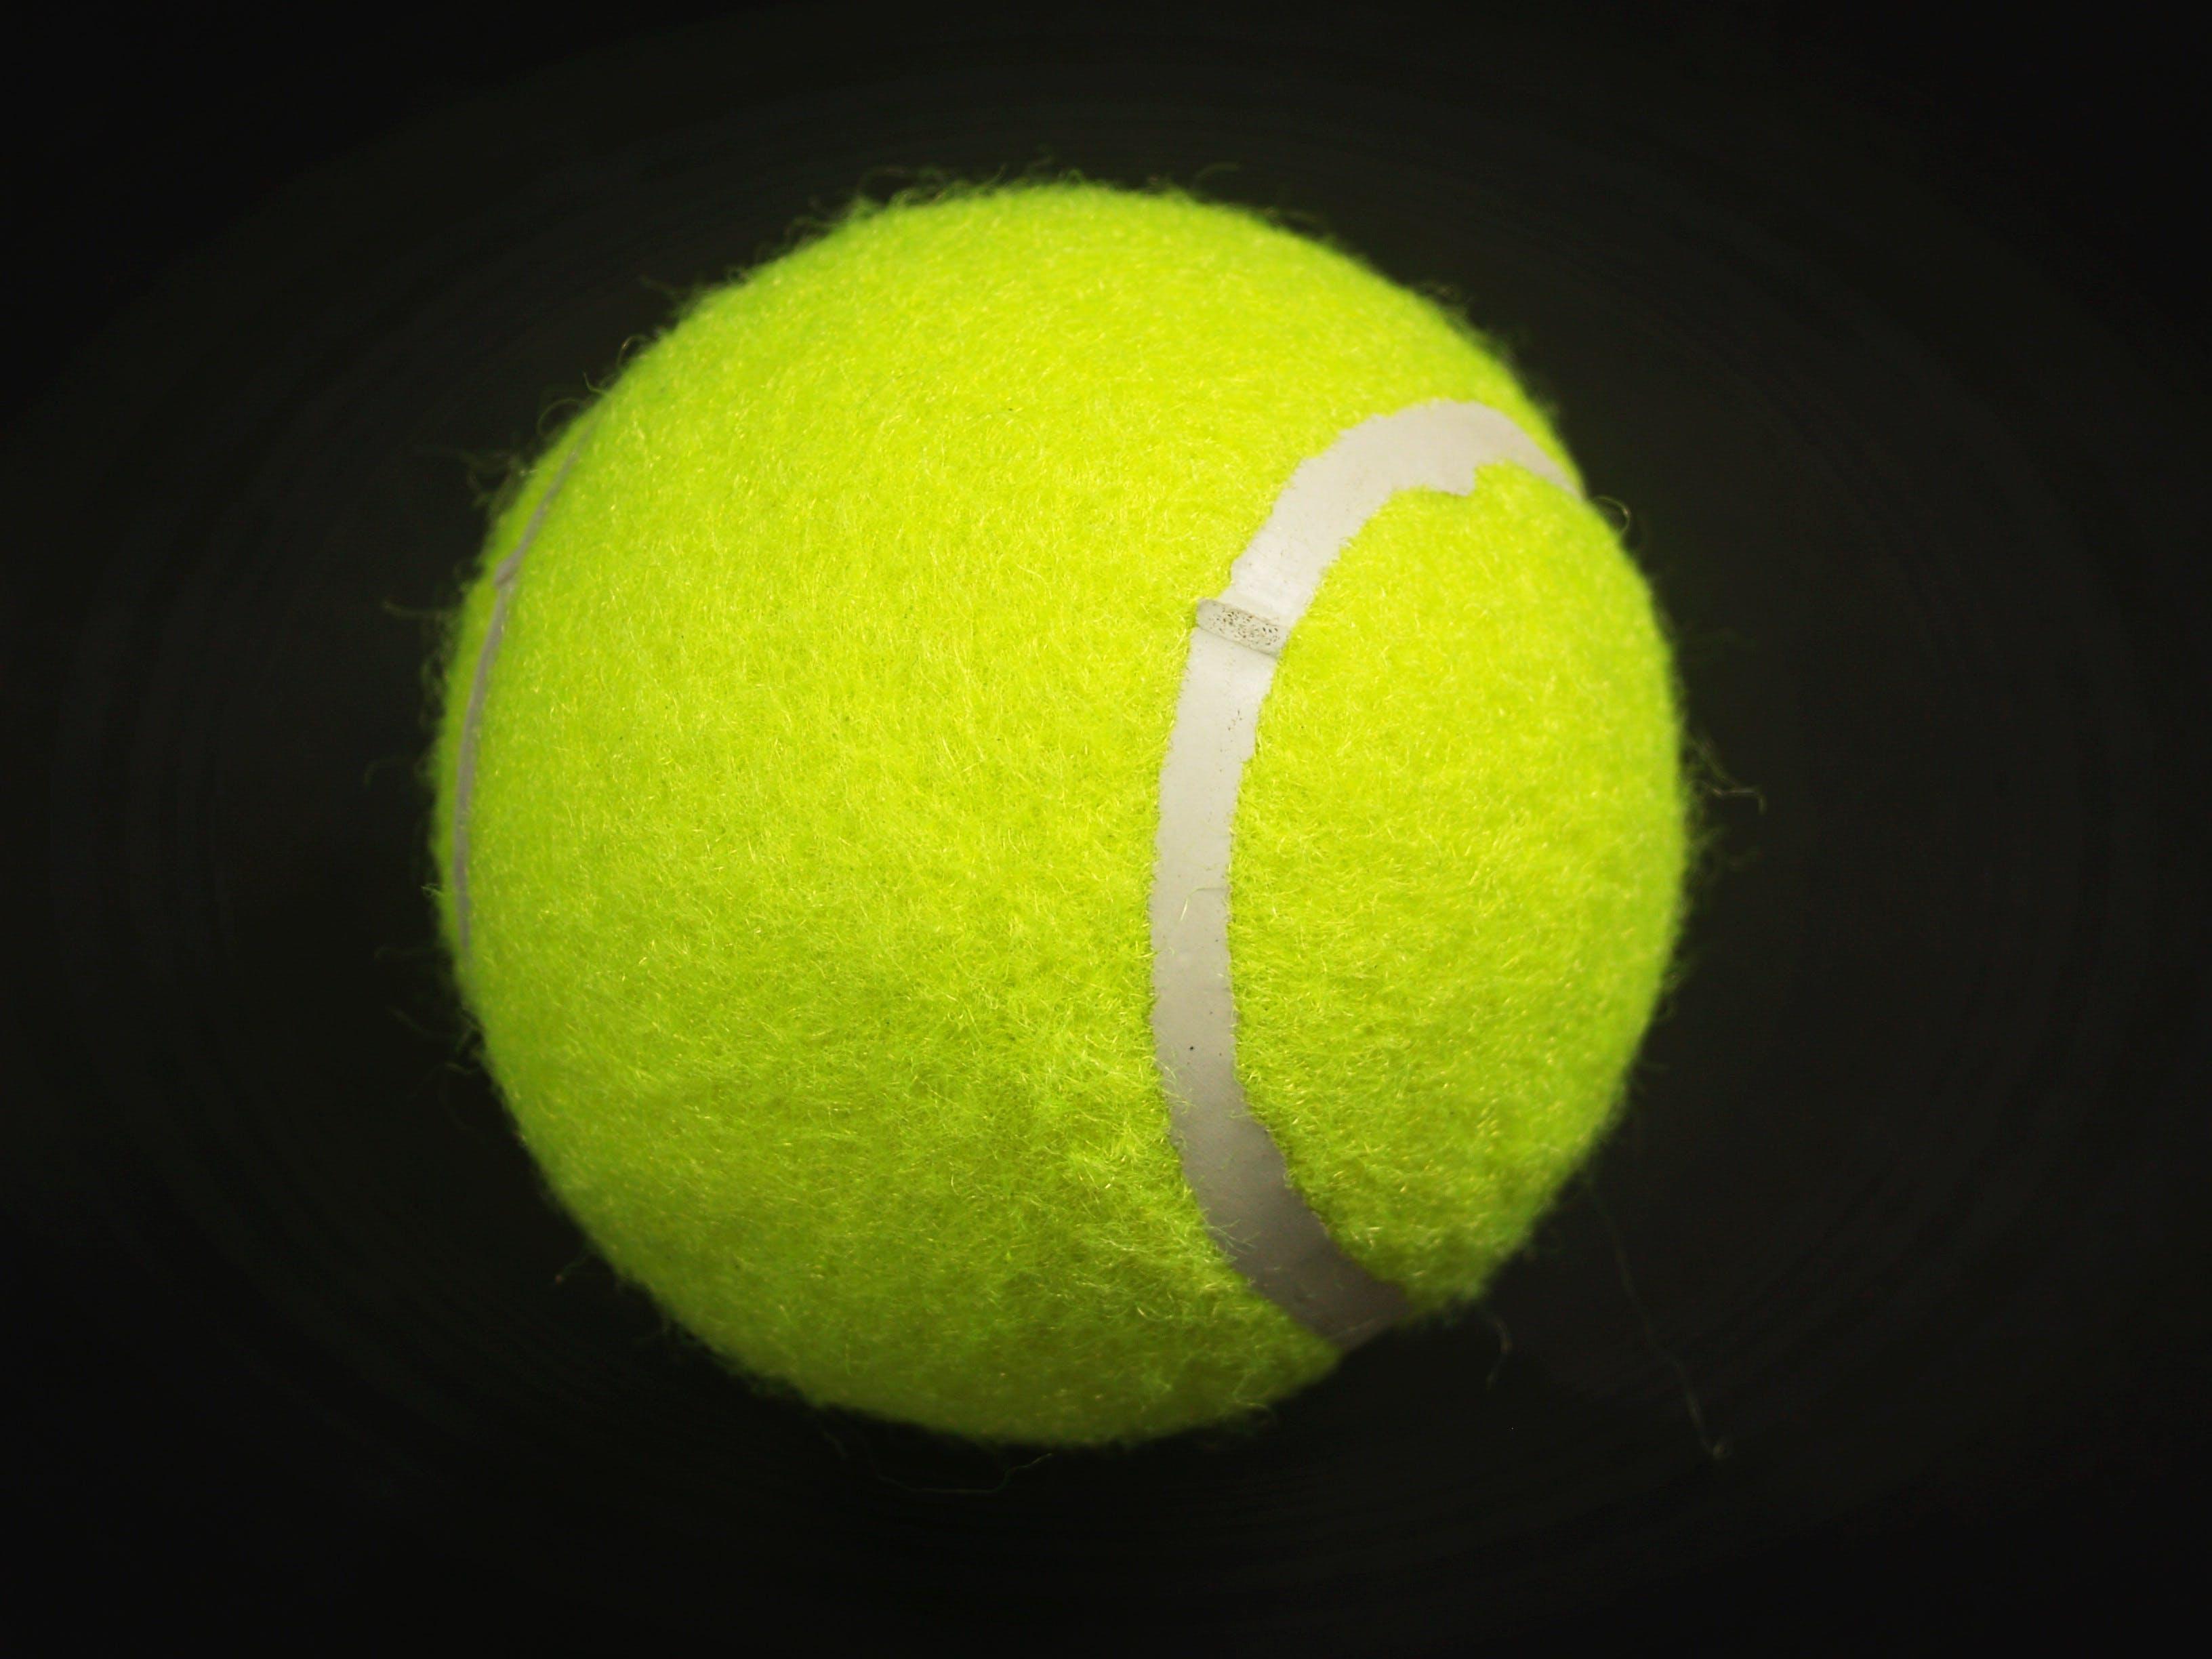 Kostenloses Stock Foto zu action, athlet, ausrüstung, ball